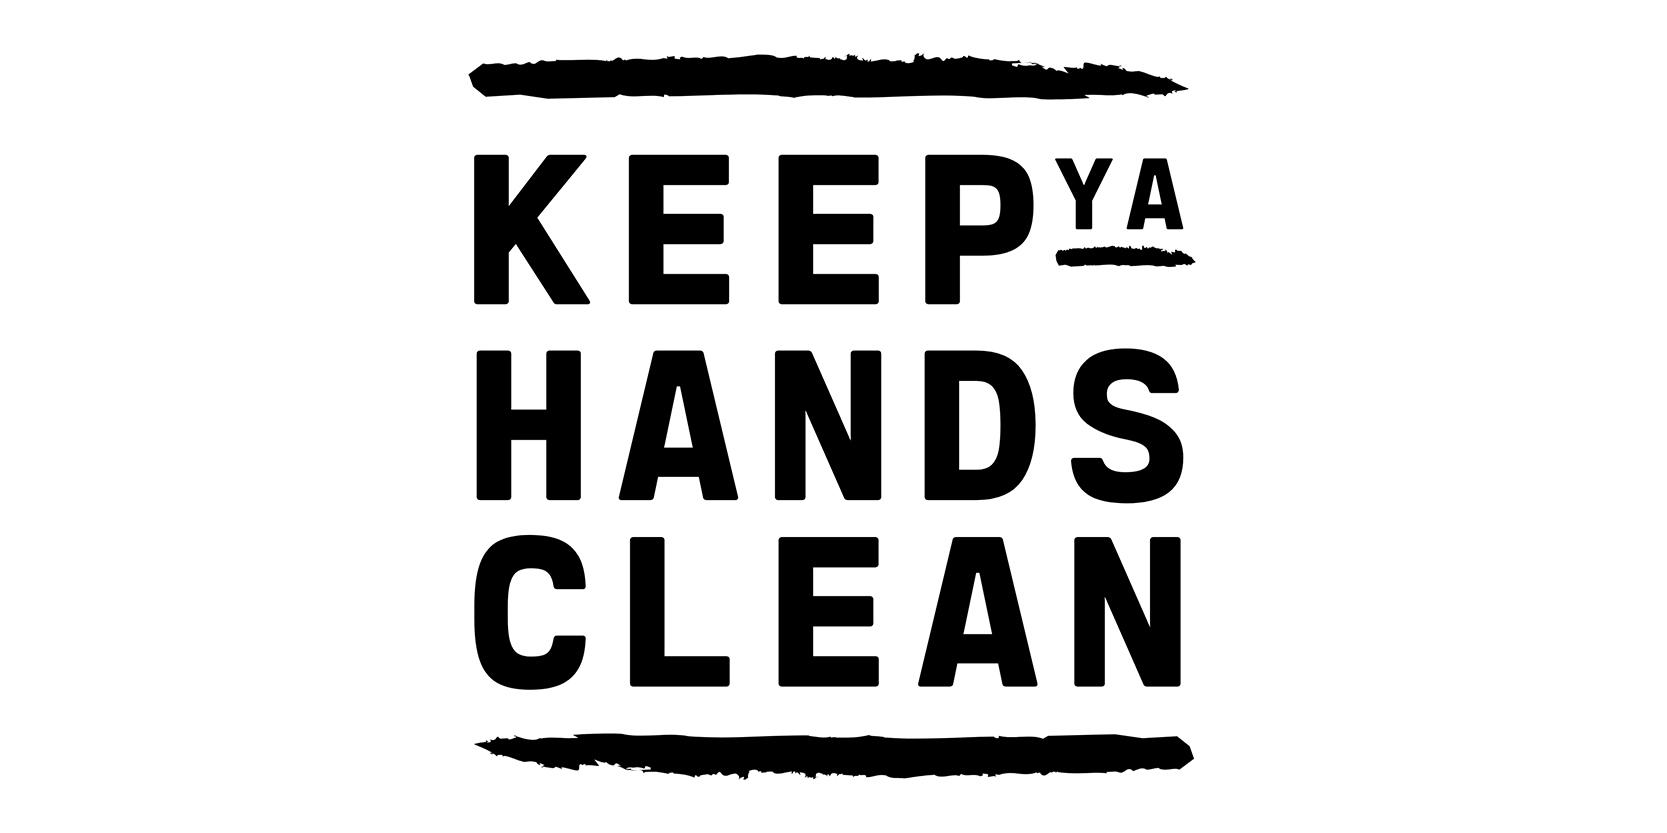 Keep ya hands clean